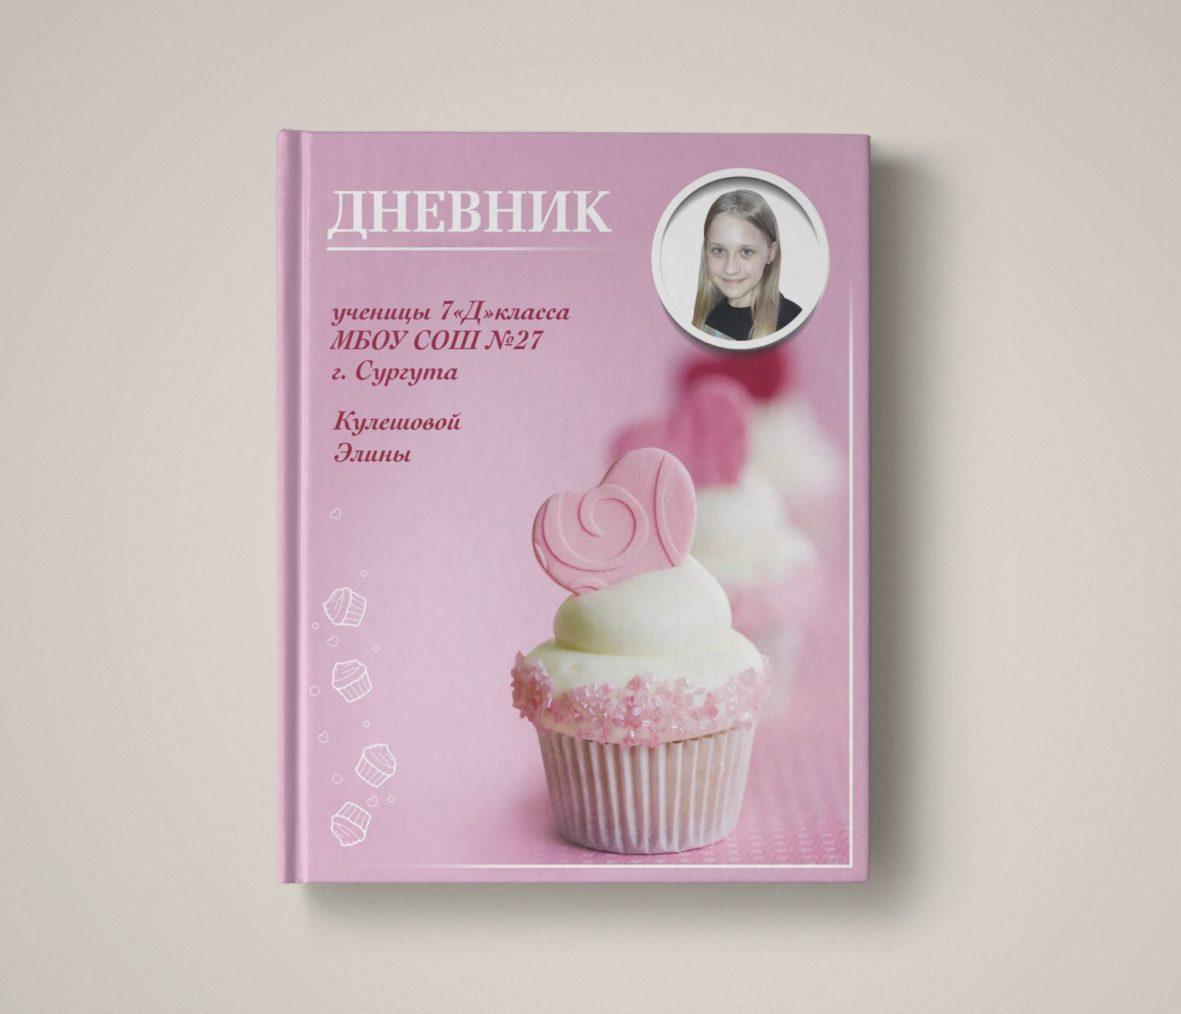 Дневники для старшеклассницы